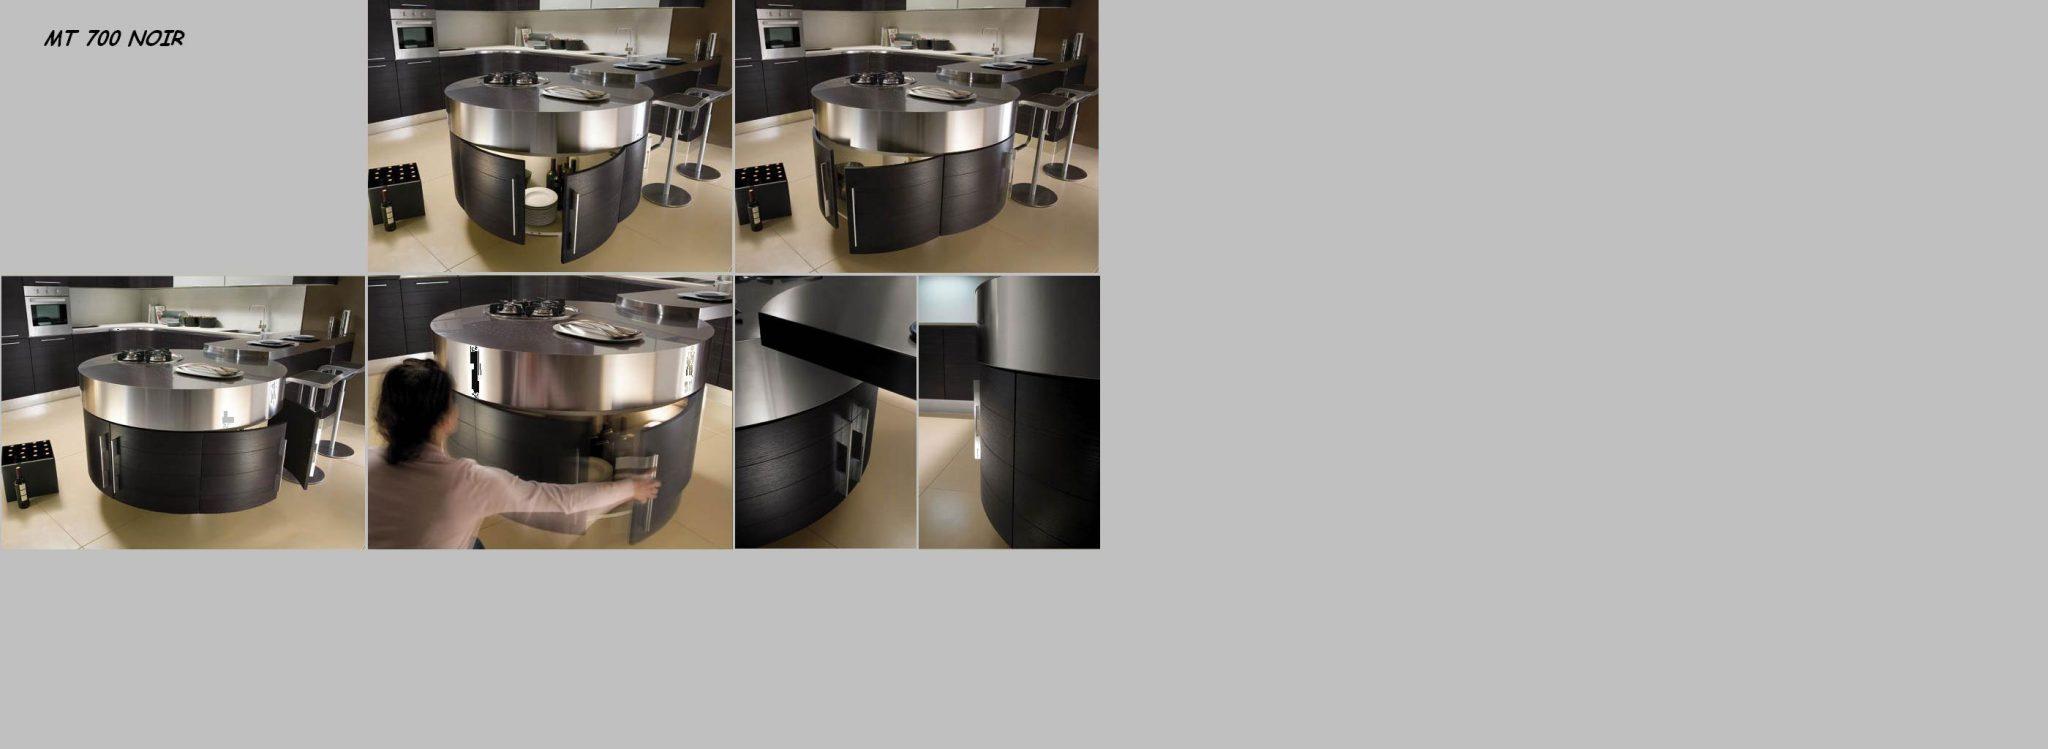 lot de photos de cuisine ronde noir